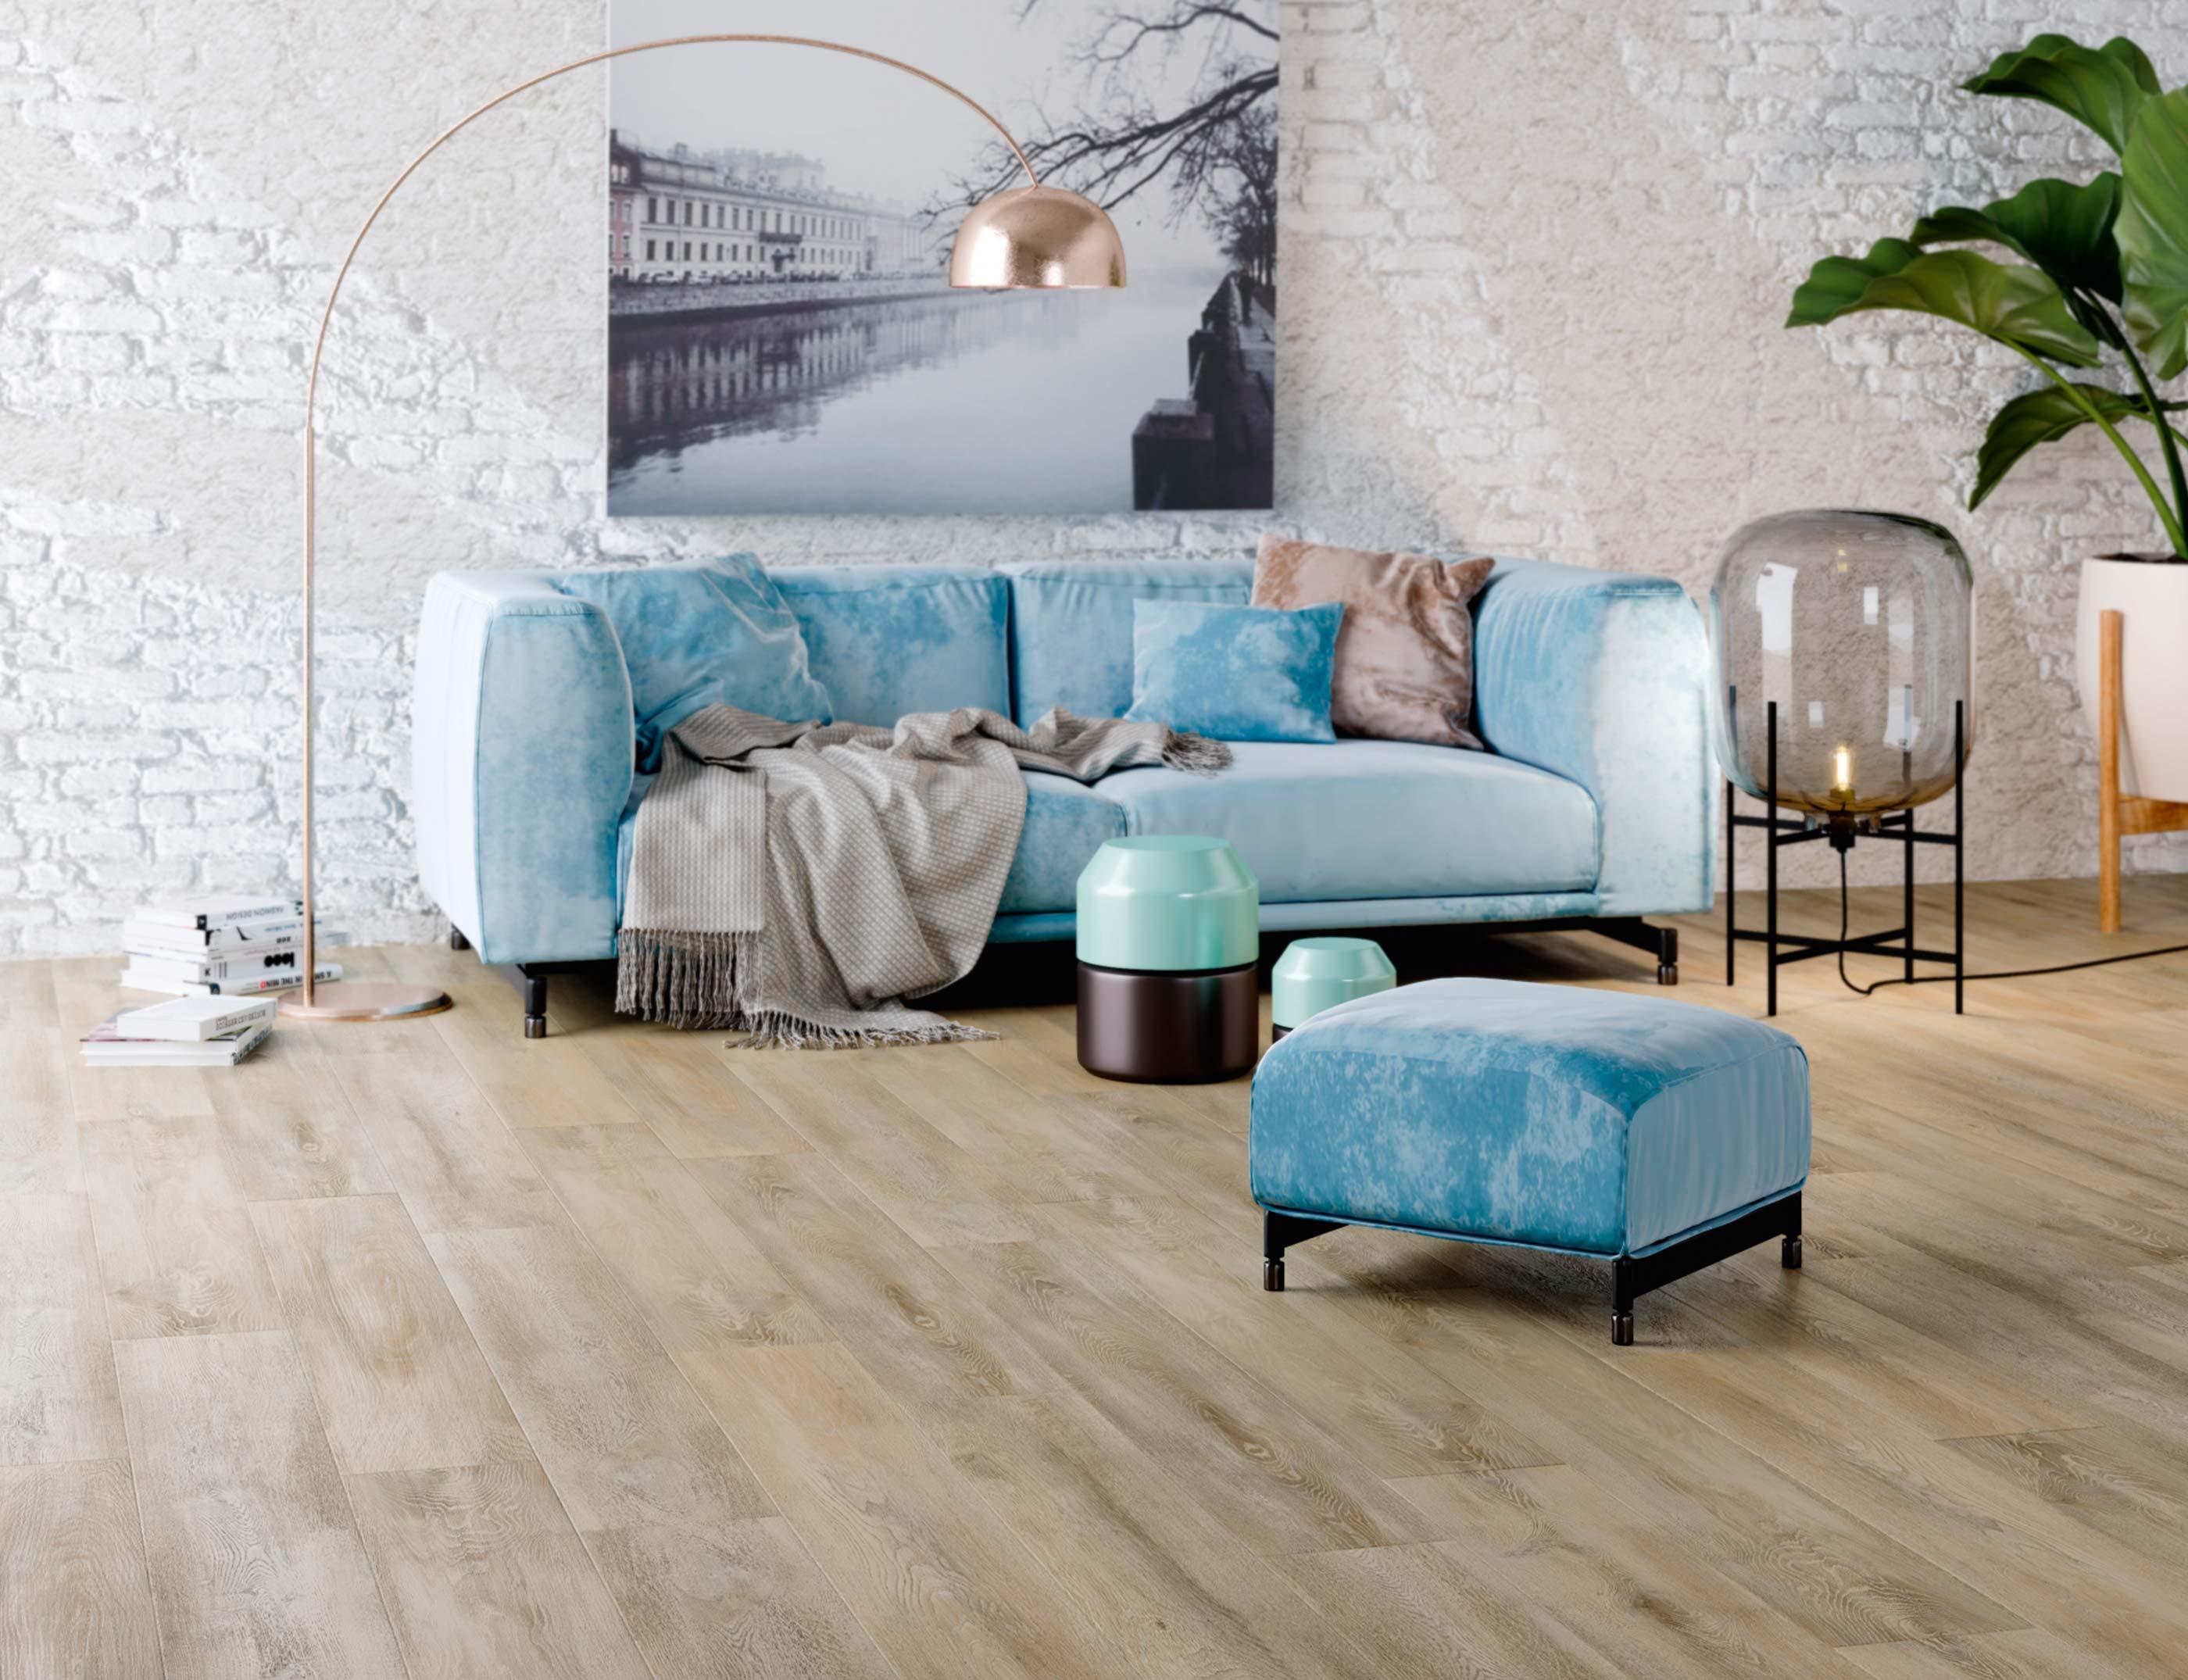 Houten Vloeren Vergelijken : Voor en nadelen van pvc vloeren laat je inspireren bij roobol